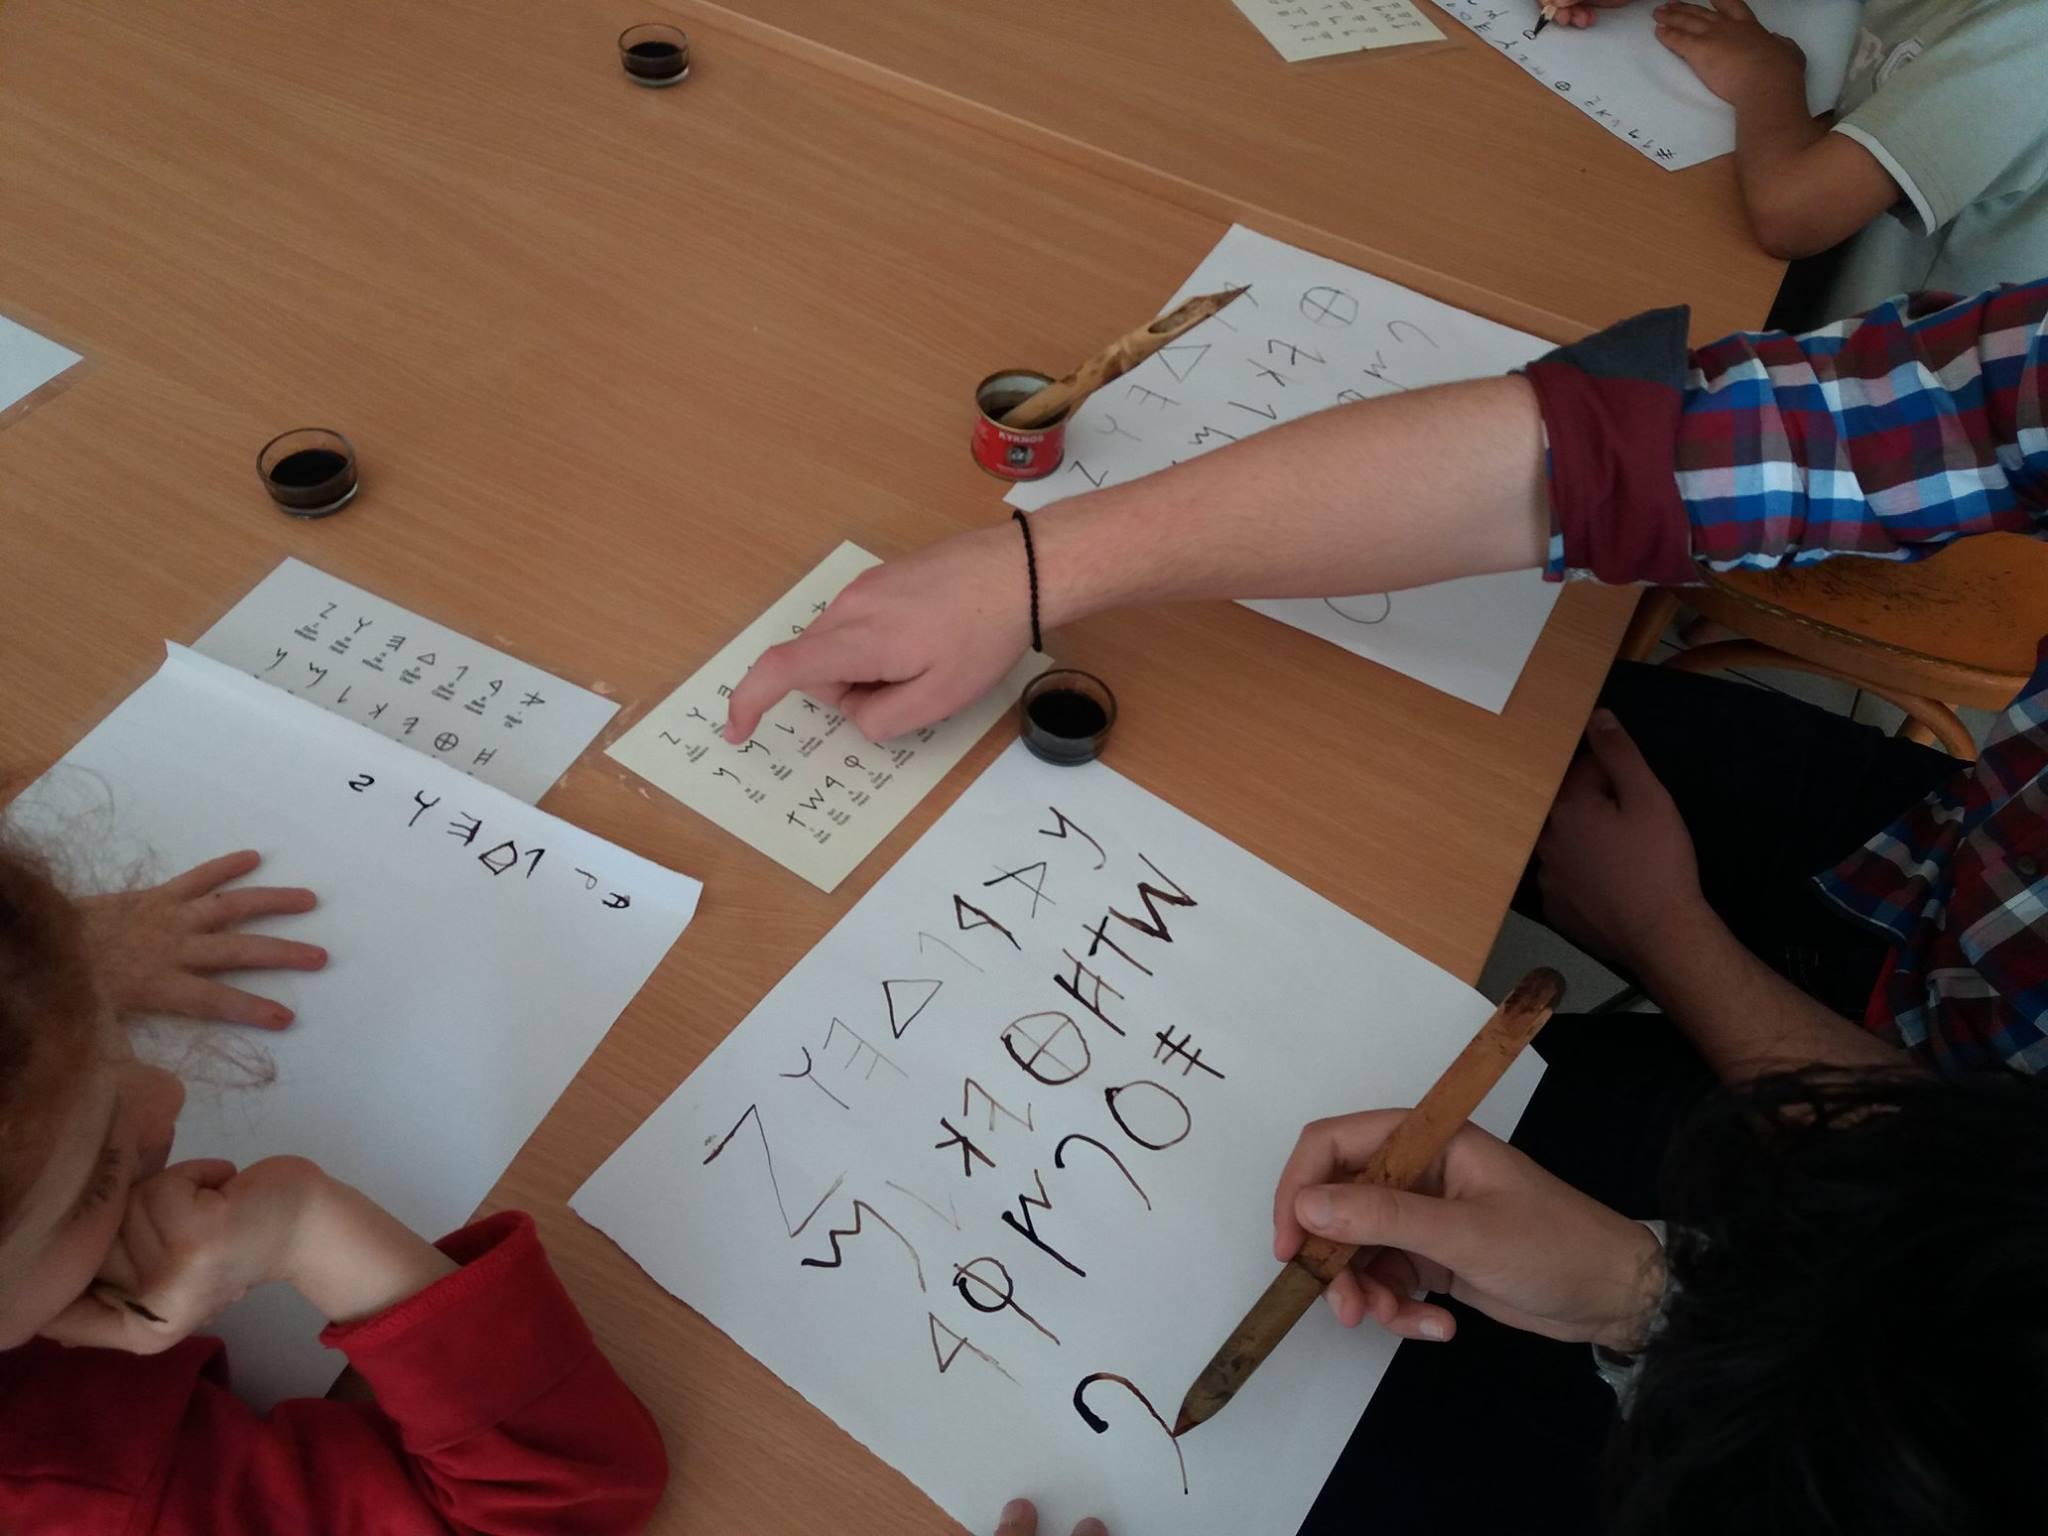 Η επίσκεψη της Ευαγγελικής Σχολής Ν. Σμύρνης στο WELCOMMON – μαθαίνοντας ο ένας από τον άλλο